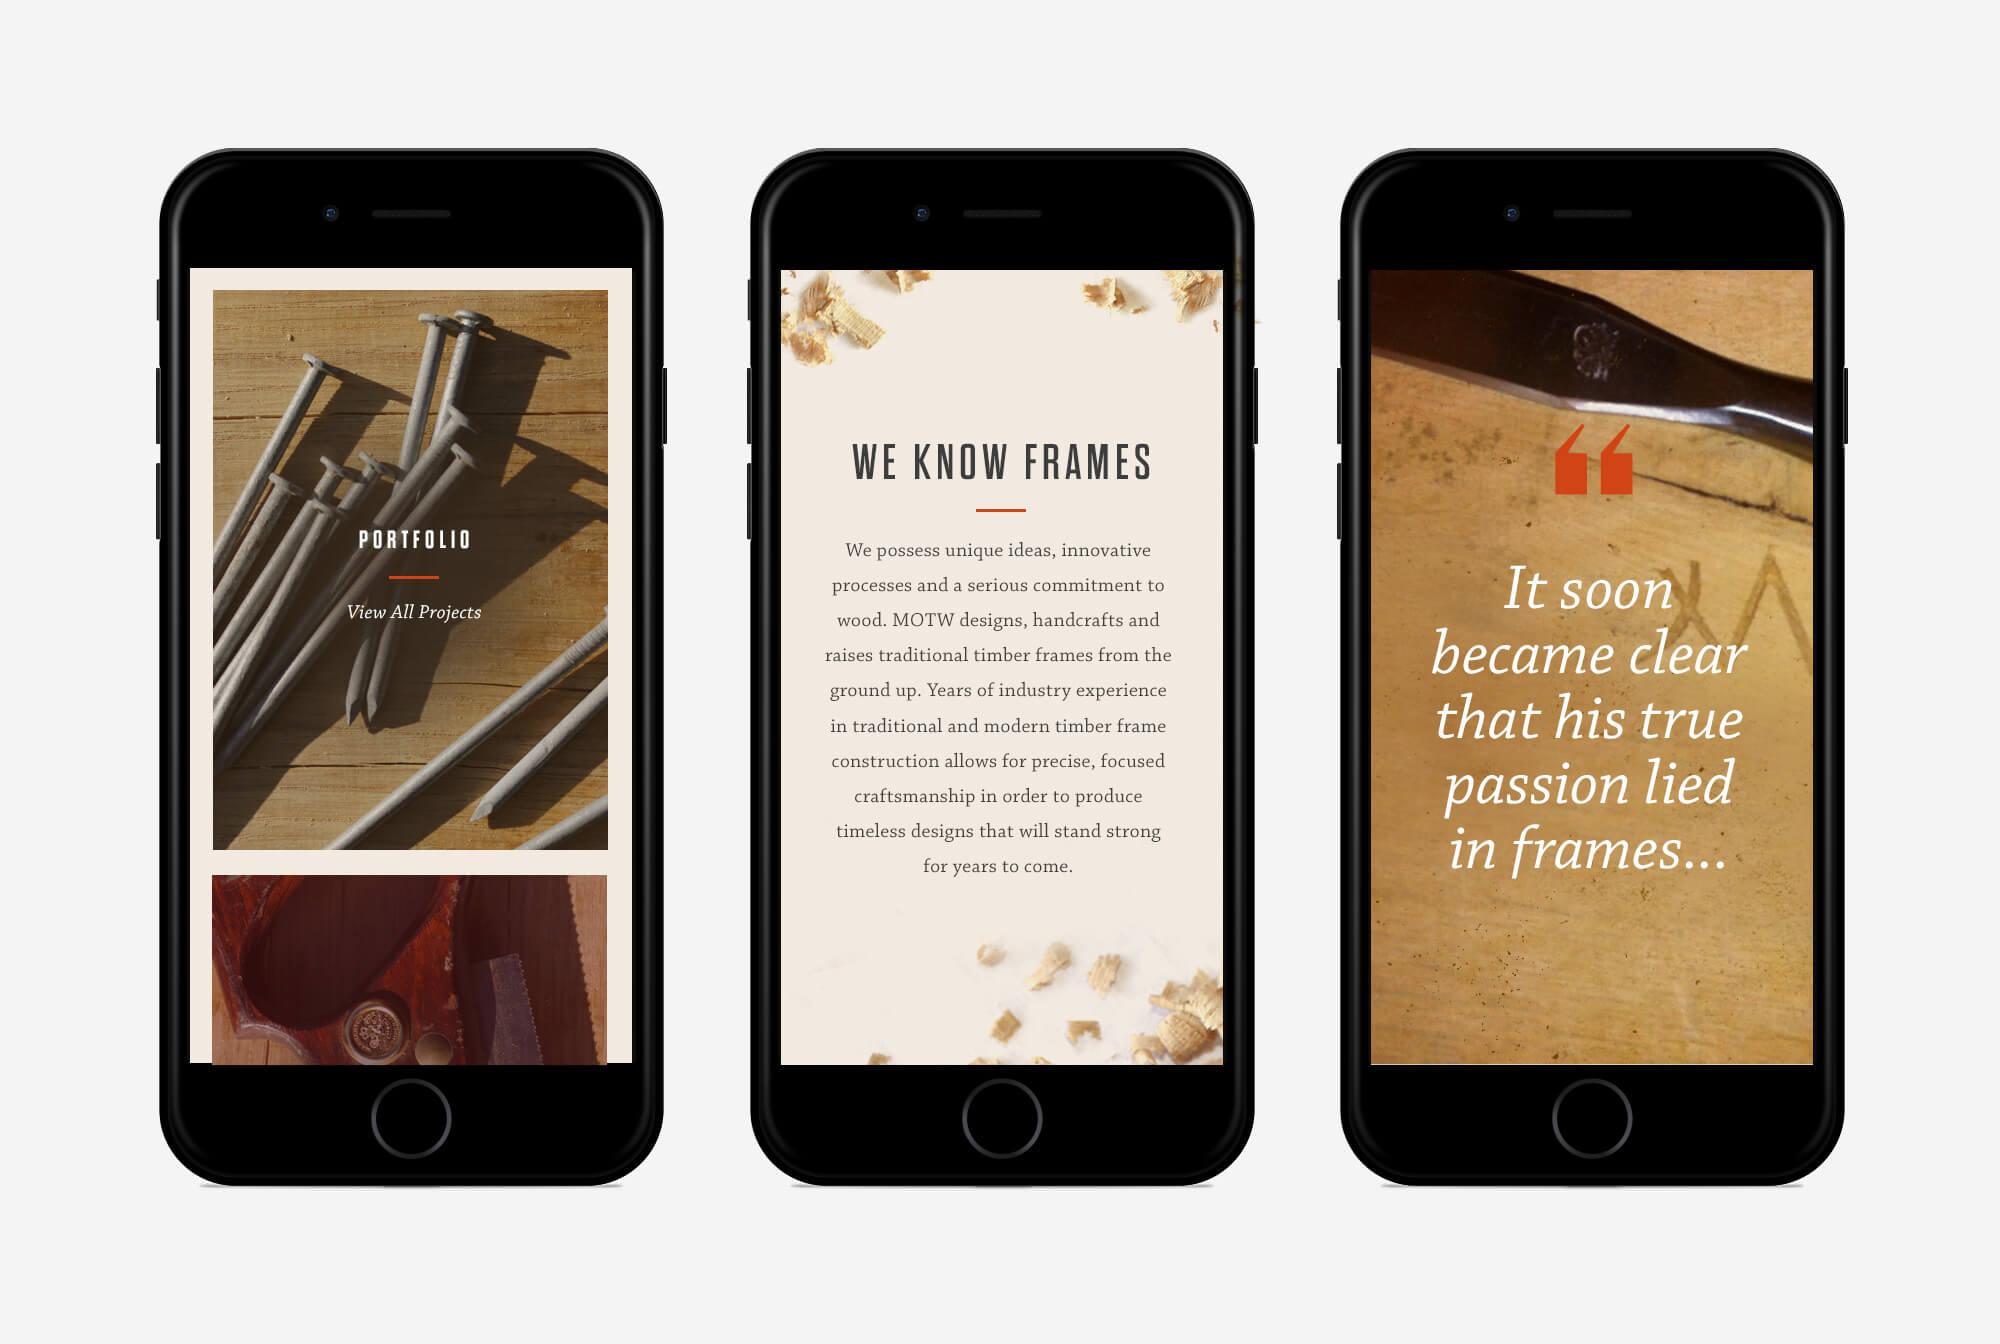 iPhones showing responsive Merry Oak site